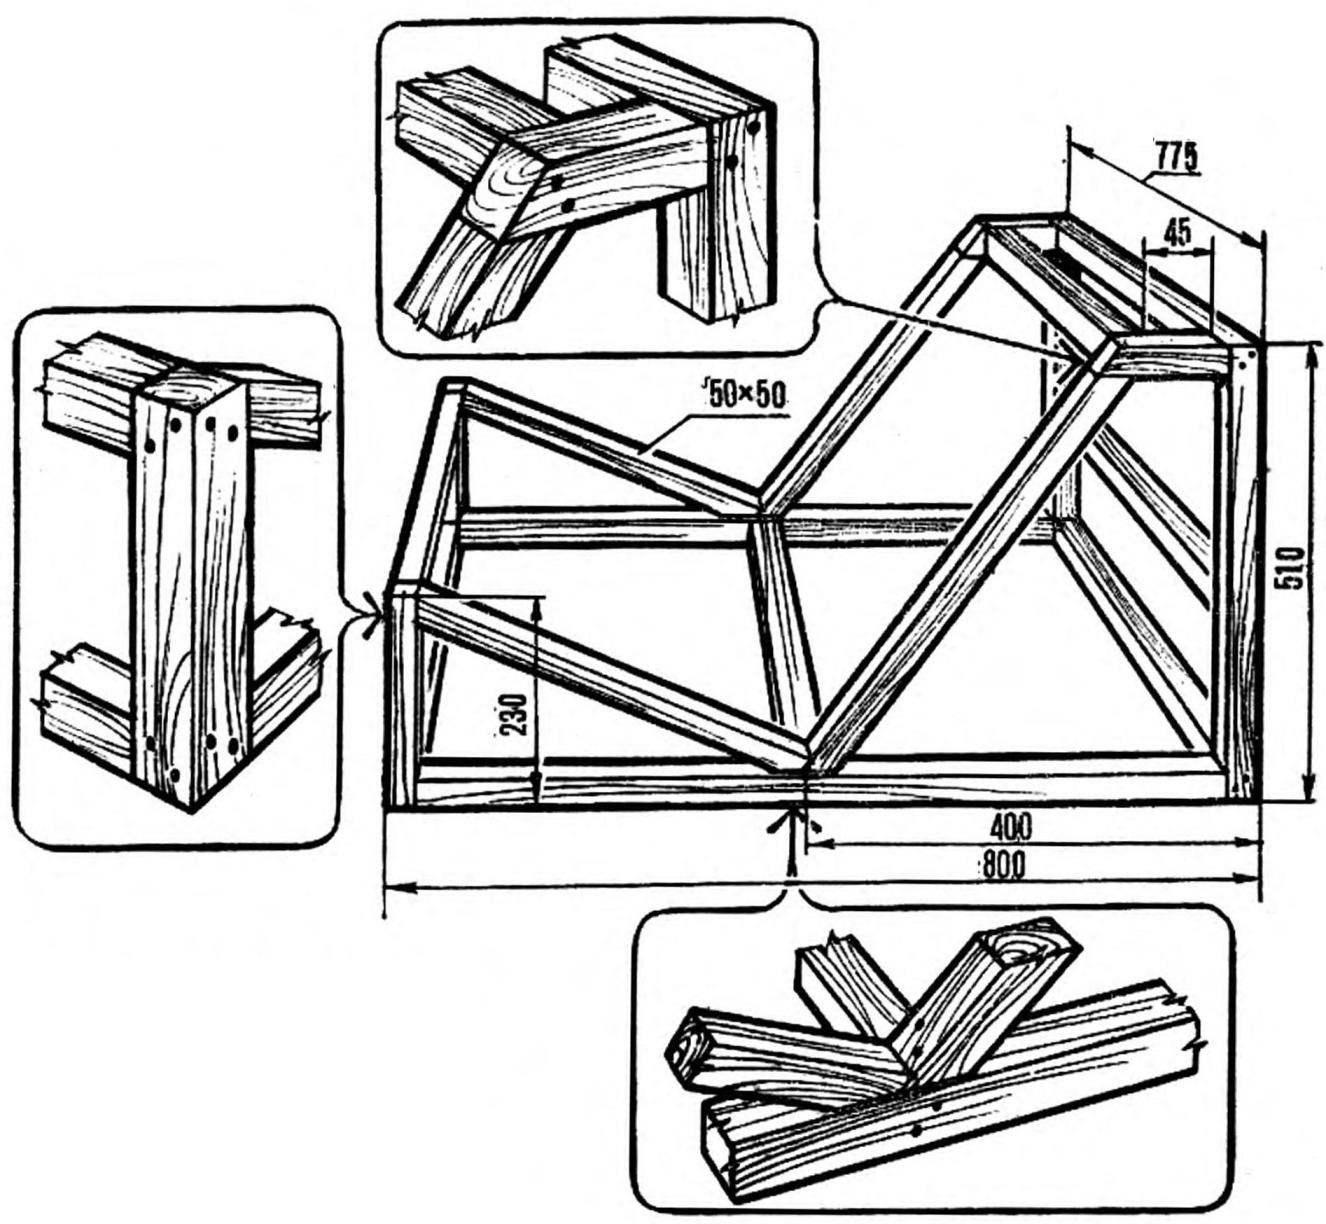 Первый этап изготовления кресла — сборка каркаса. Соединение отдельных элементов — с помощью деревянных шпилек.